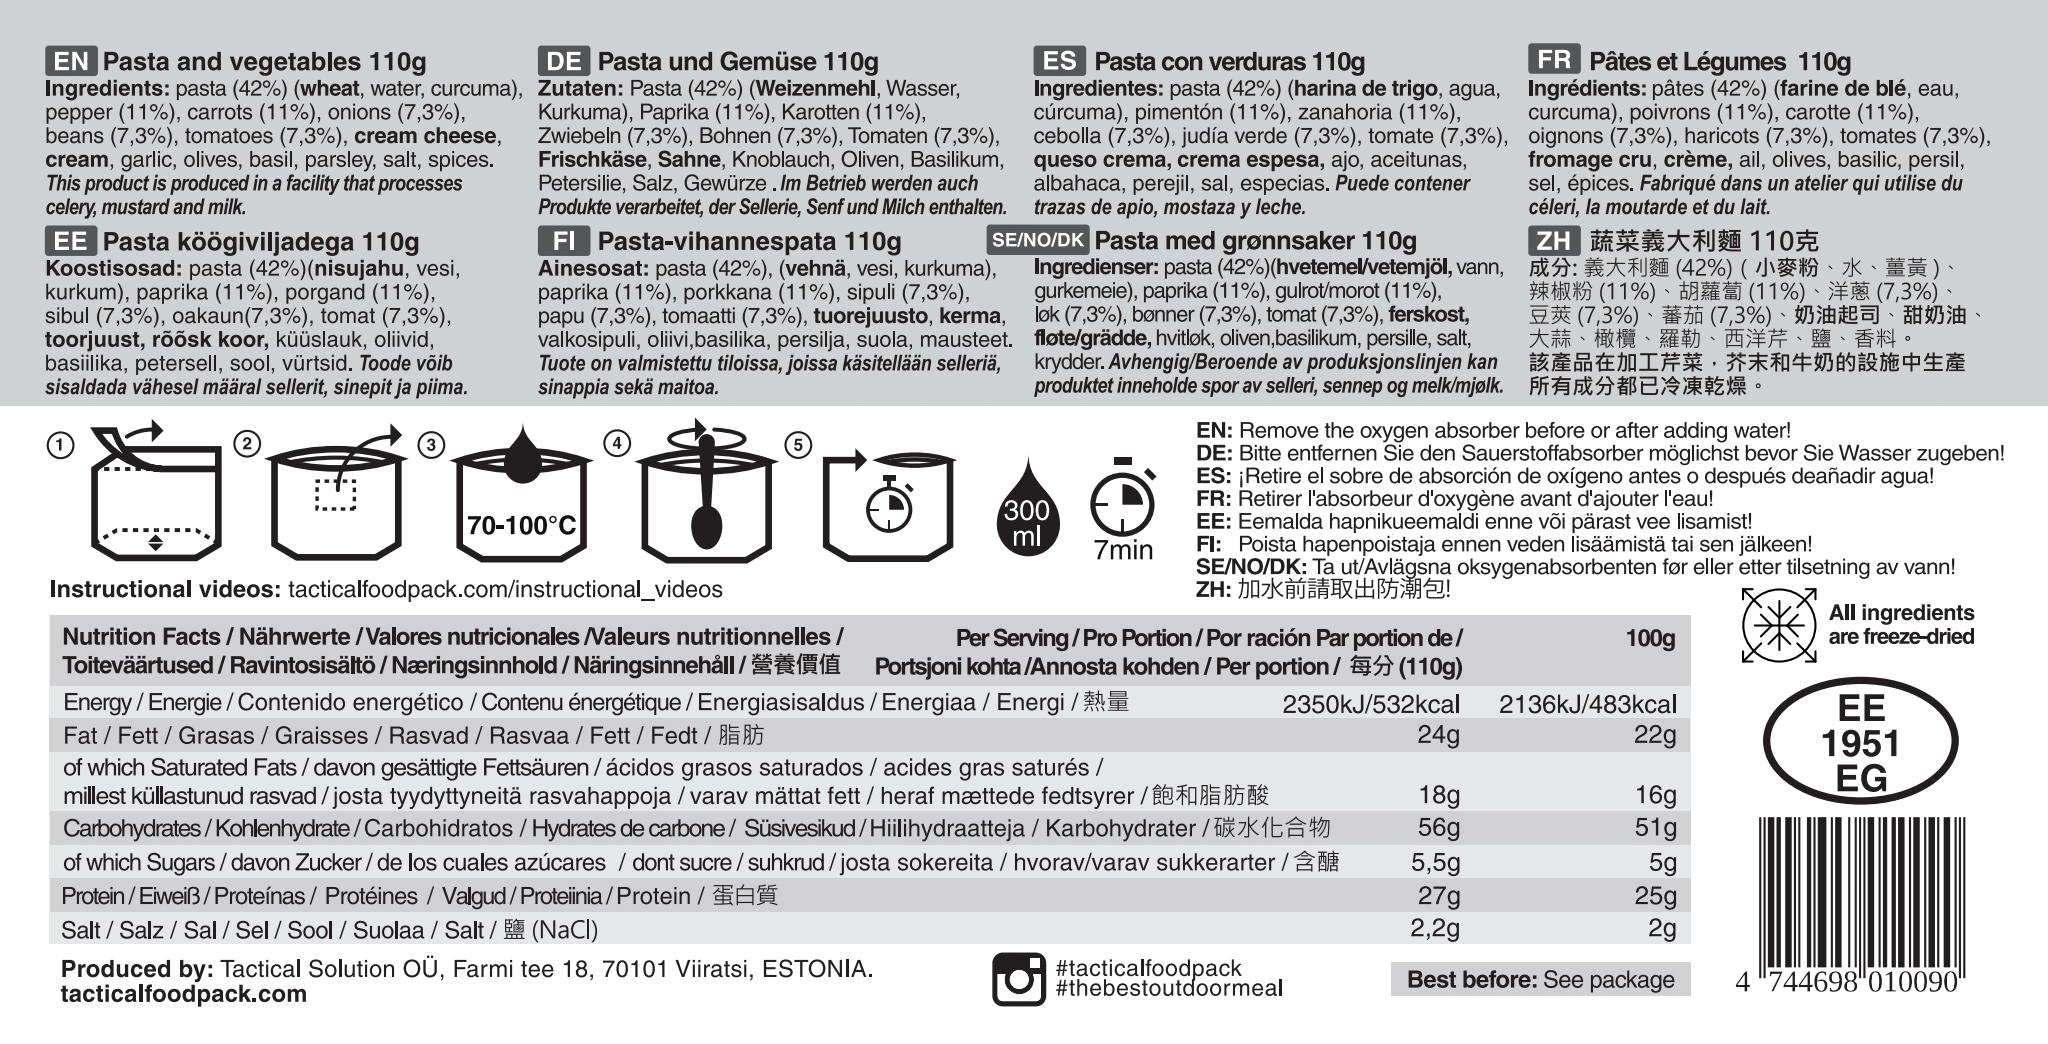 Dehidrirana hrana Tactical Foodpack - Pasta and Vegetables , B33 army shop at www.opremljen.si, trgovina z vojaško opremo, vojaška trgovina